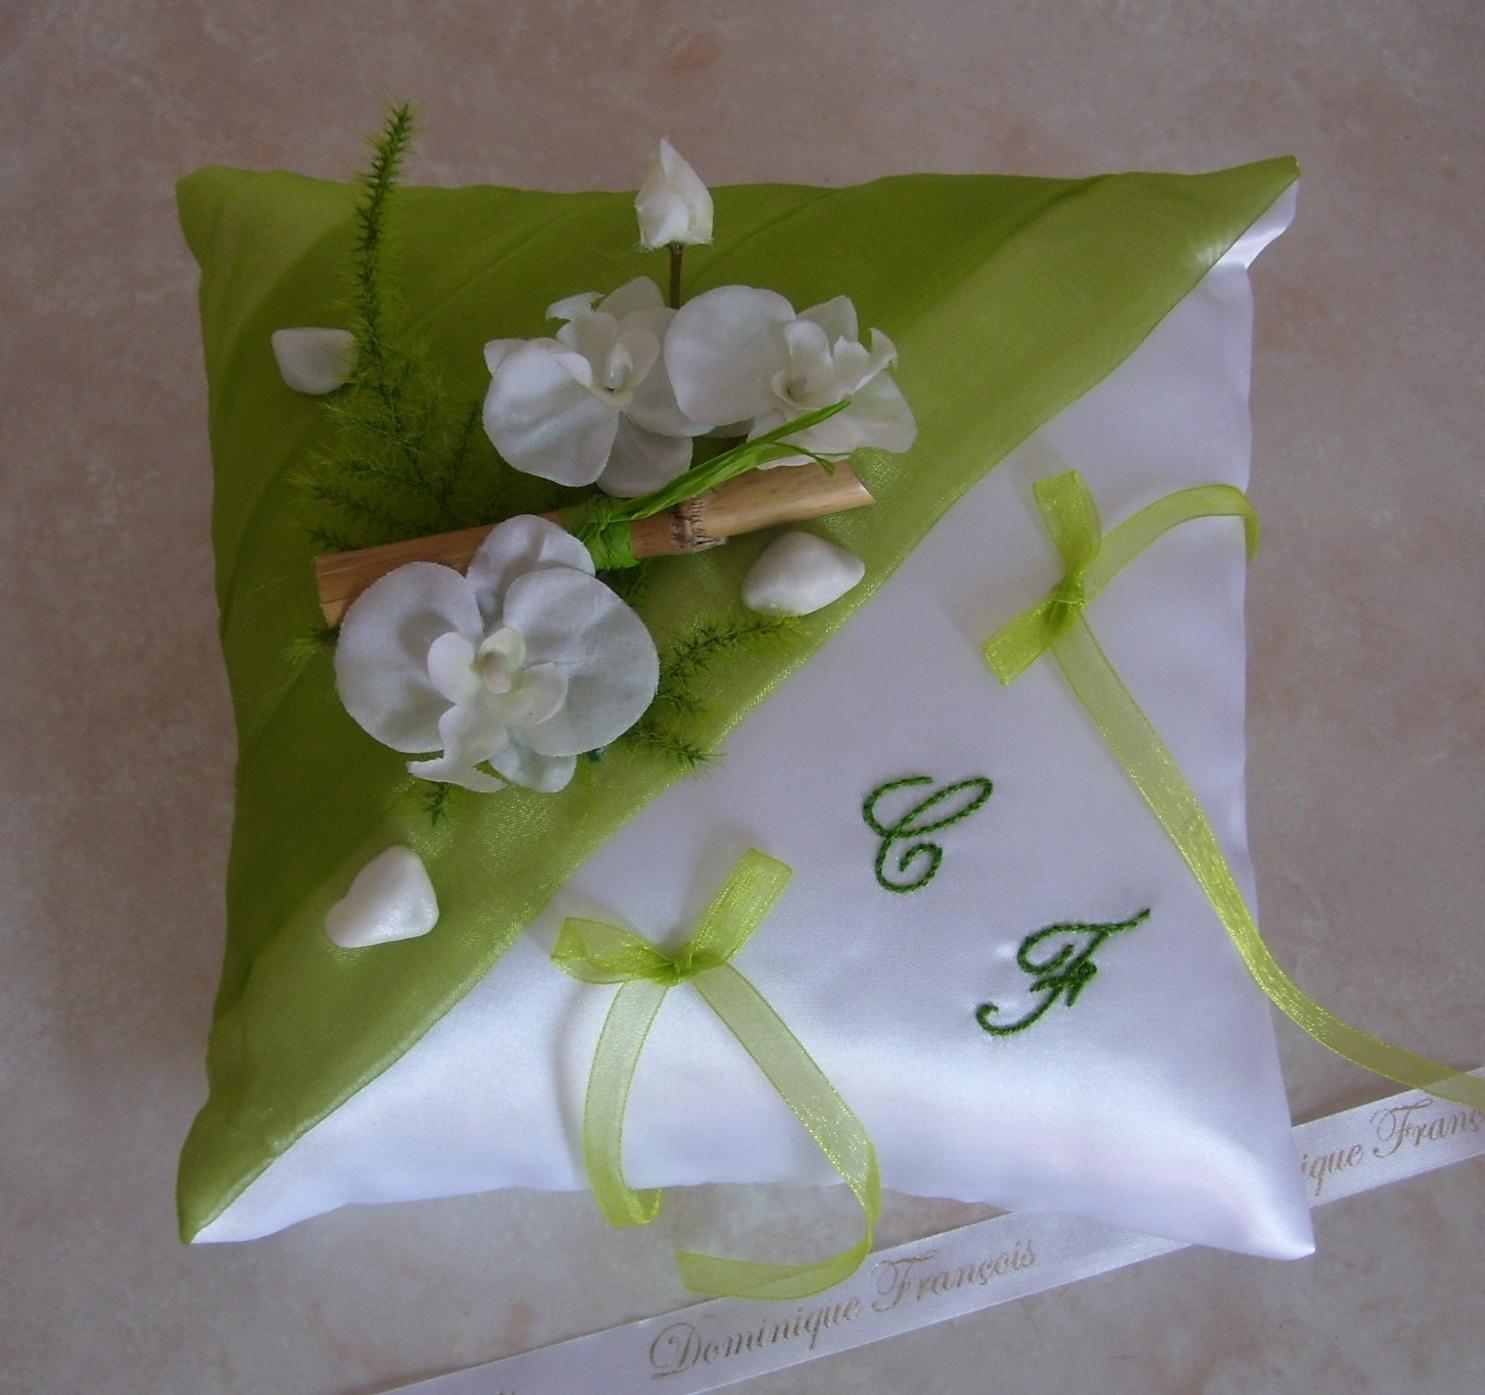 Coussin alliances nature vert blanc orchidées bambou cailloux blancs ...